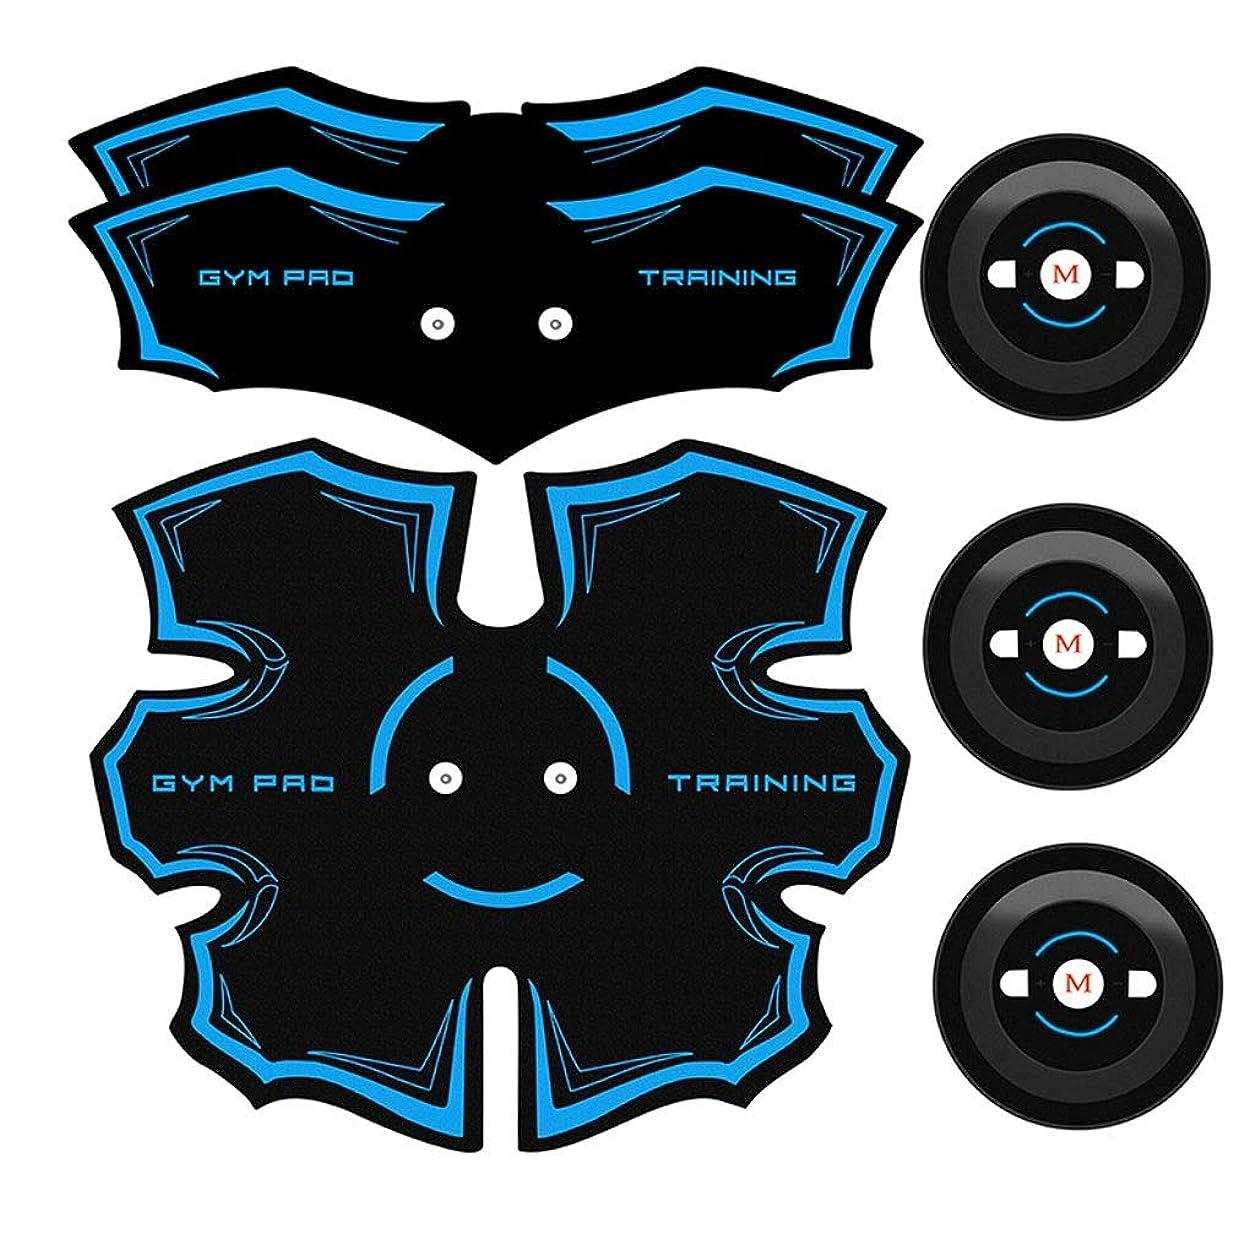 災難雪だるまを作る辞書ABS刺激剤&マッスルトナー - 腹部調色ベルト&EMSボディマッスルトレーナー脂肪バーナー機器刺激強度 - ポータブルUSB充電器 (Color : Blue)